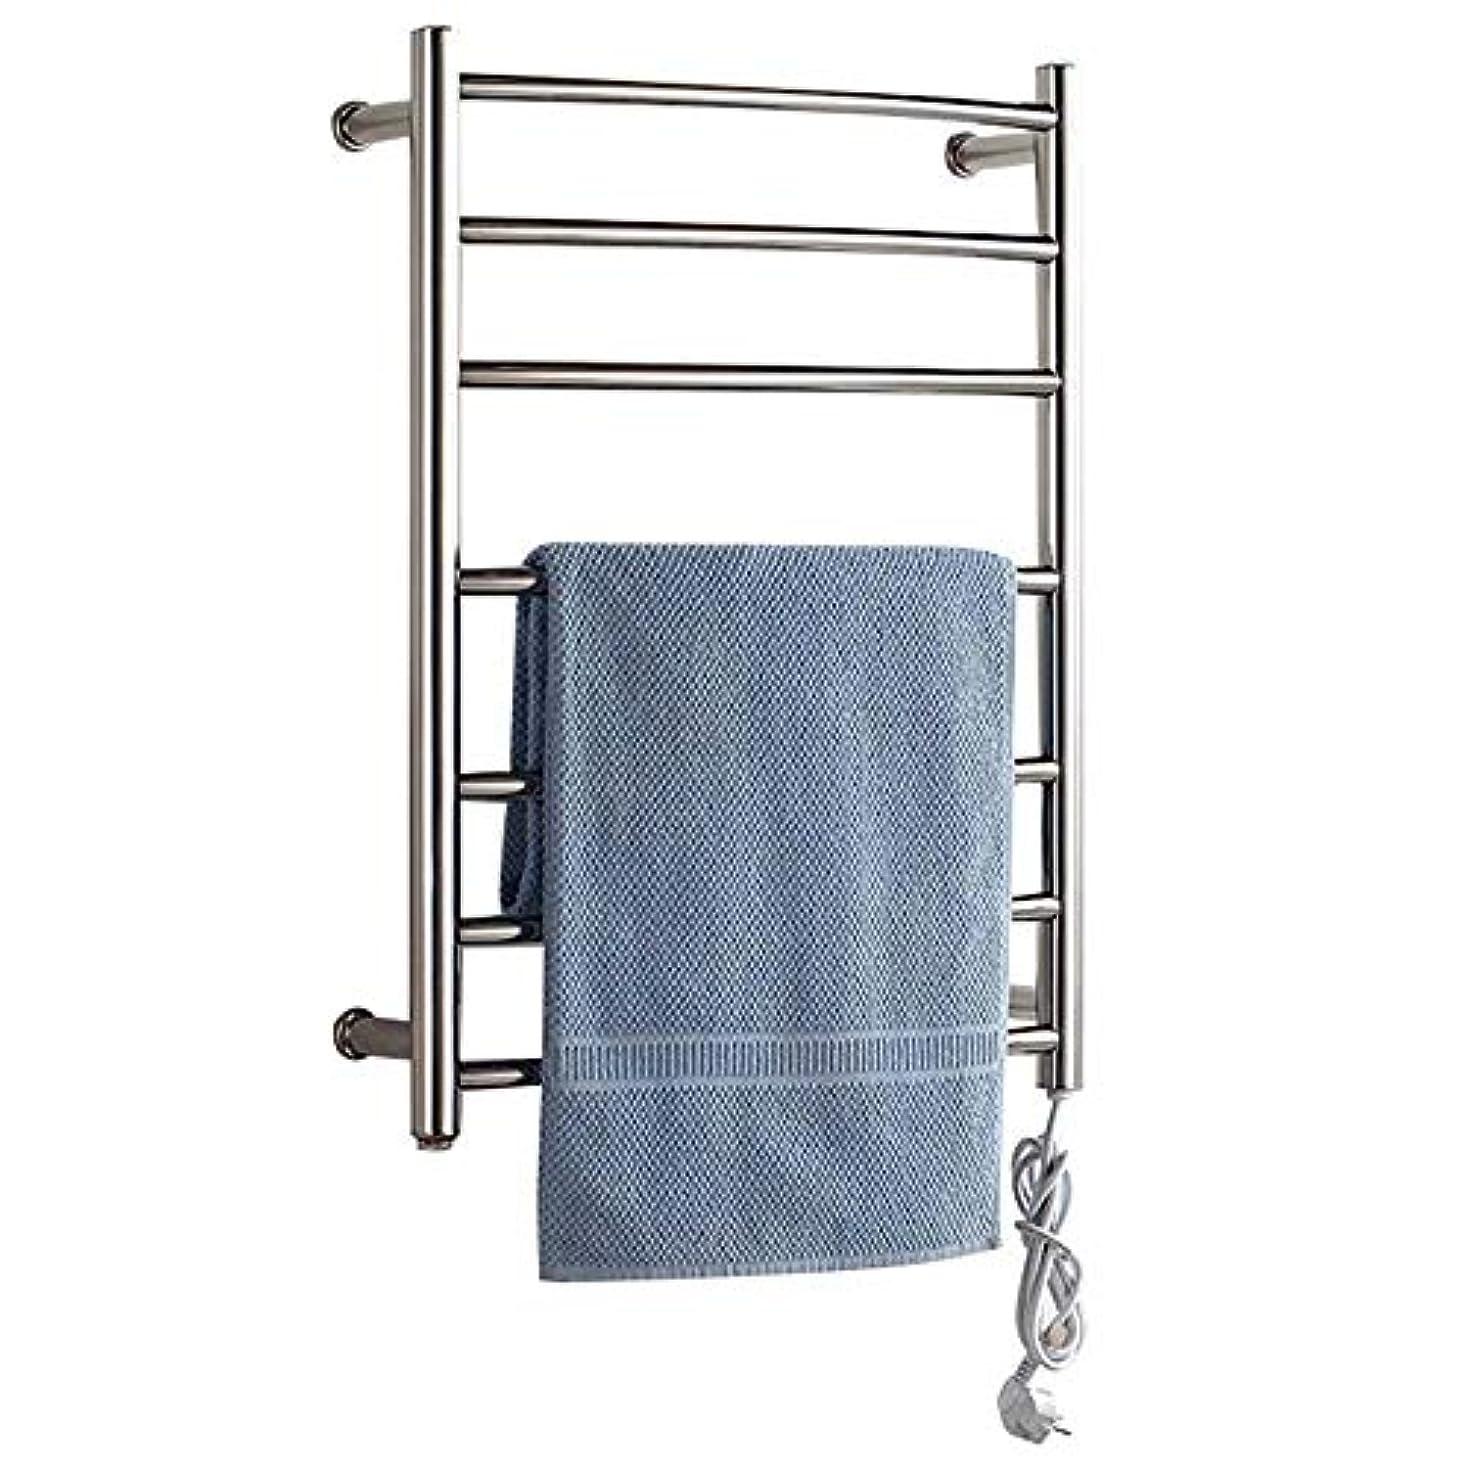 住居コーンウォールひねり壁掛け式電気タオルウォーマー、加熱タオルラック浴室ラジエーター、浴室乾燥ラック、304ステンレス鋼、恒温乾燥、防水および防錆700 * 520 * 125mm